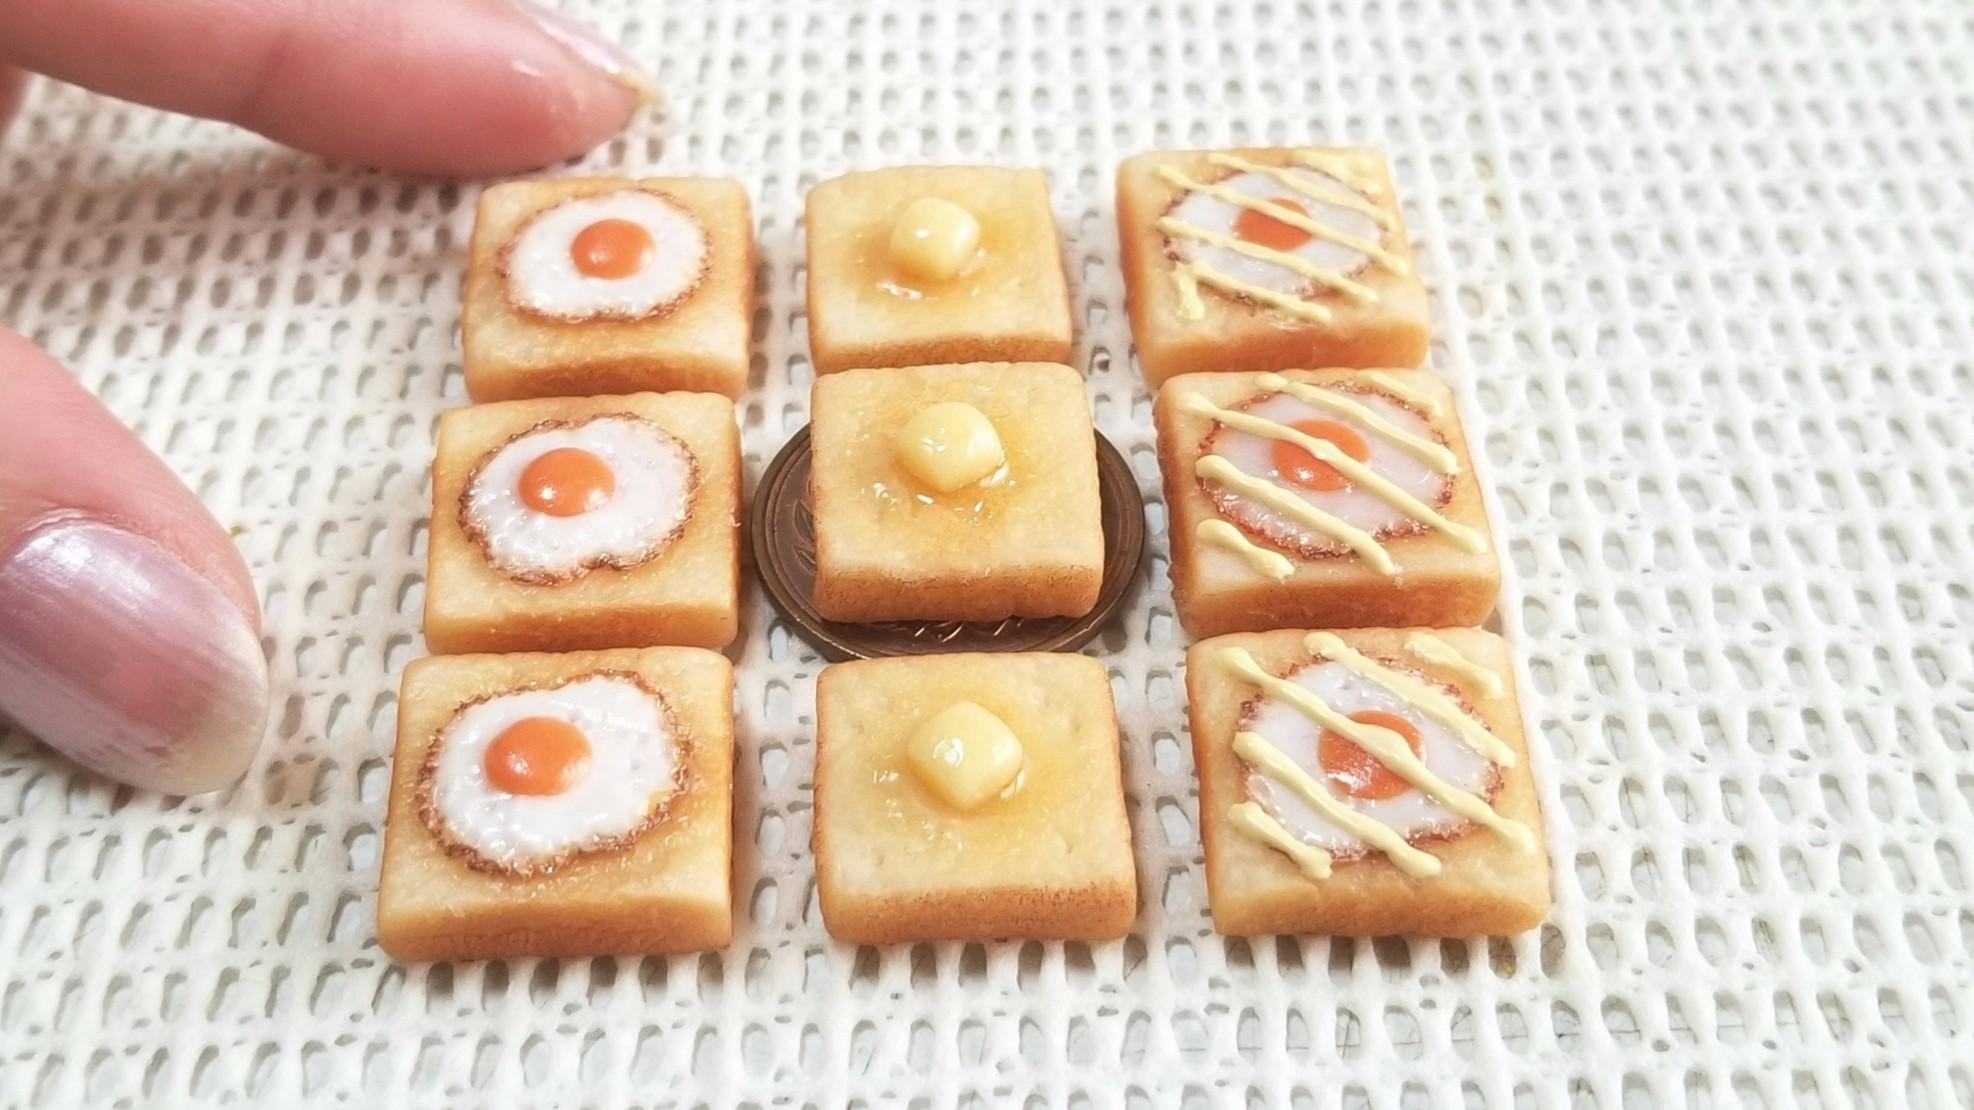 ミニチュアフード,パン,かわいい,食べ物,食品サンプル,よもぎブログ